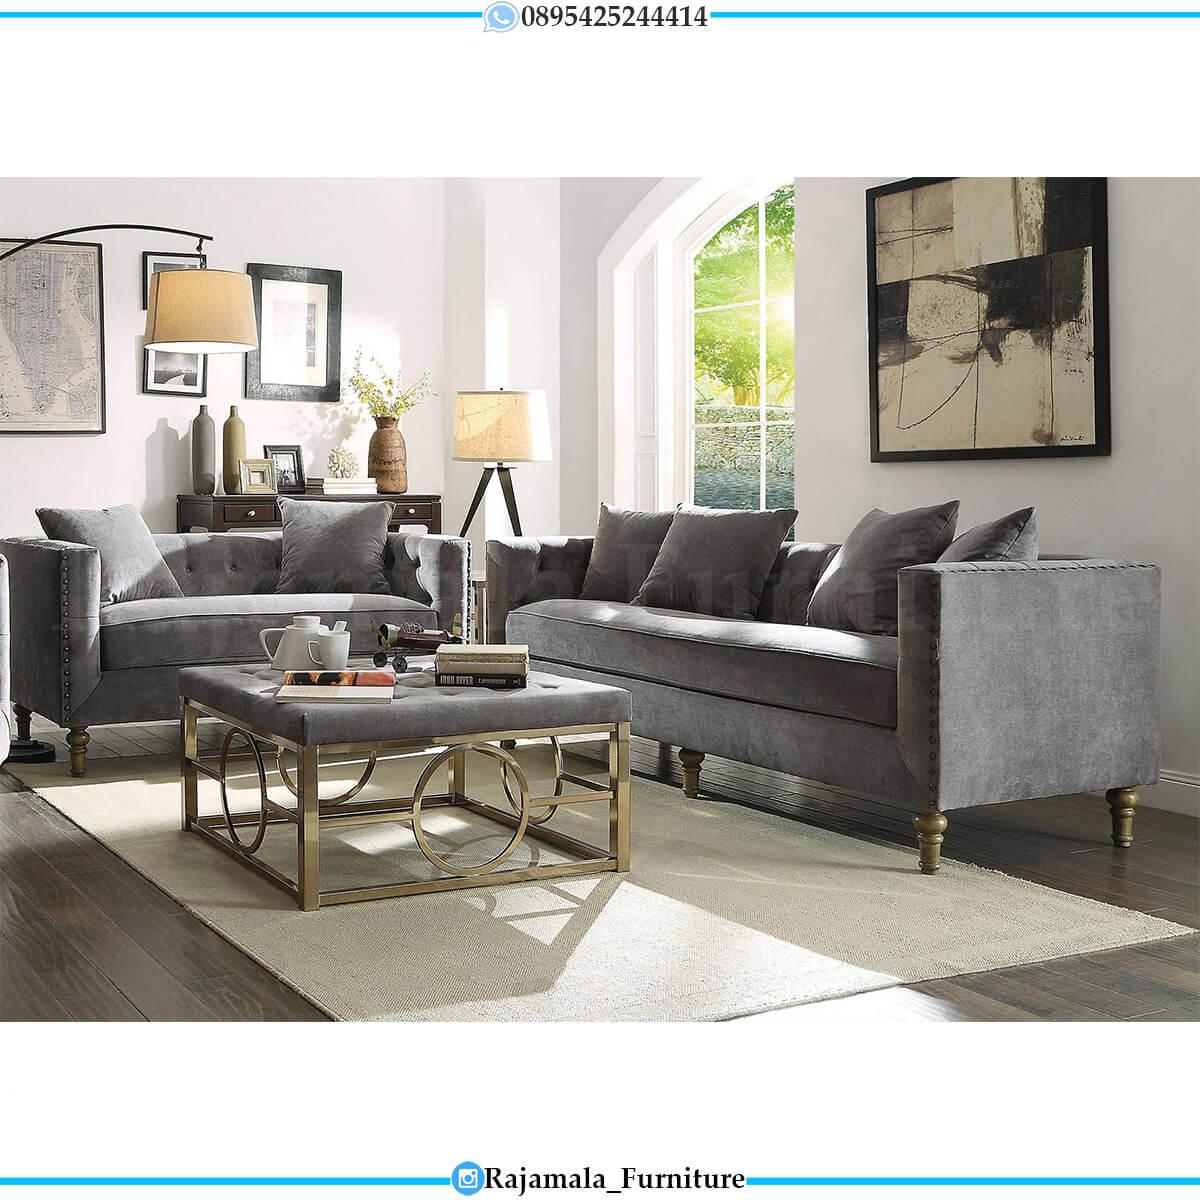 Sofa Tamu Minimalis Modern Furniture Jepara Terbaru Classic Elegant RM-0611